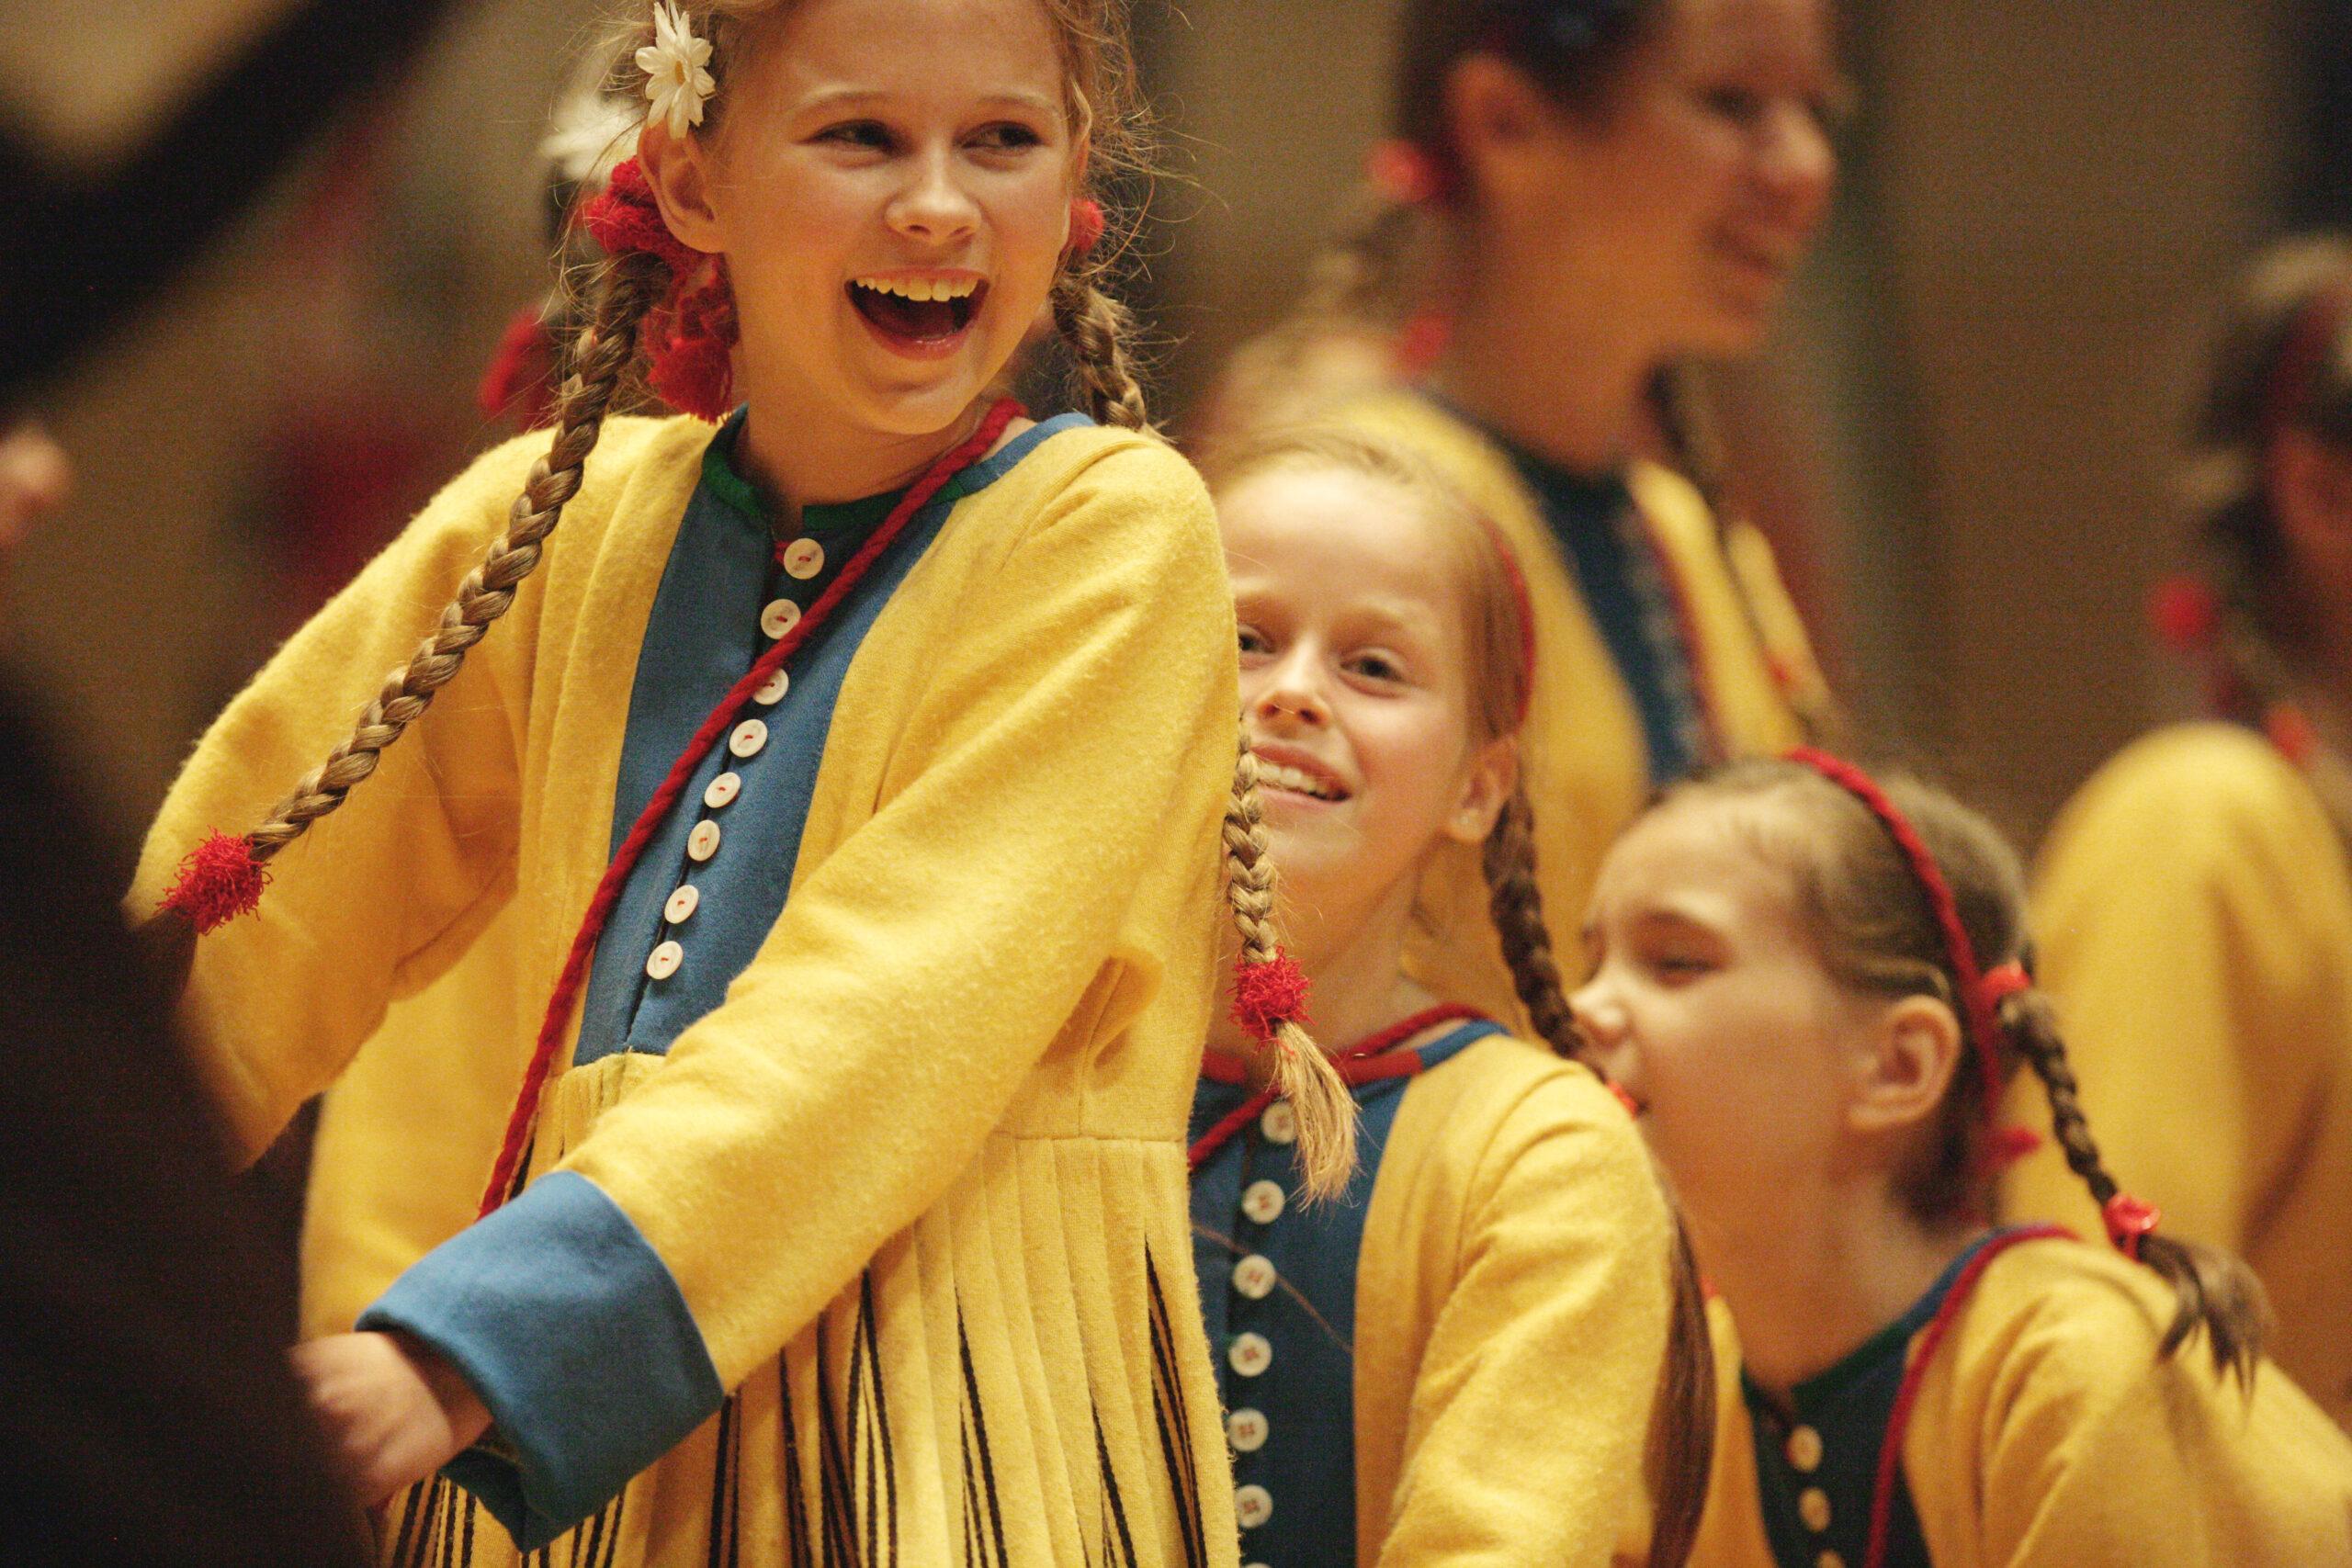 Jiyan Wang, Svetovna zveza mladinskih in otroških zborovskih umetnikov, Hongkong: Poslušajte angele peti, 2006, Otroški pevski zbor estonske televizije - Nastop Otroškega pevskega zbora estonske televizije 12. julija 2006 na Mednarodnem festivalu mladinskih in otroških pevskih zborov v Hongkongu.